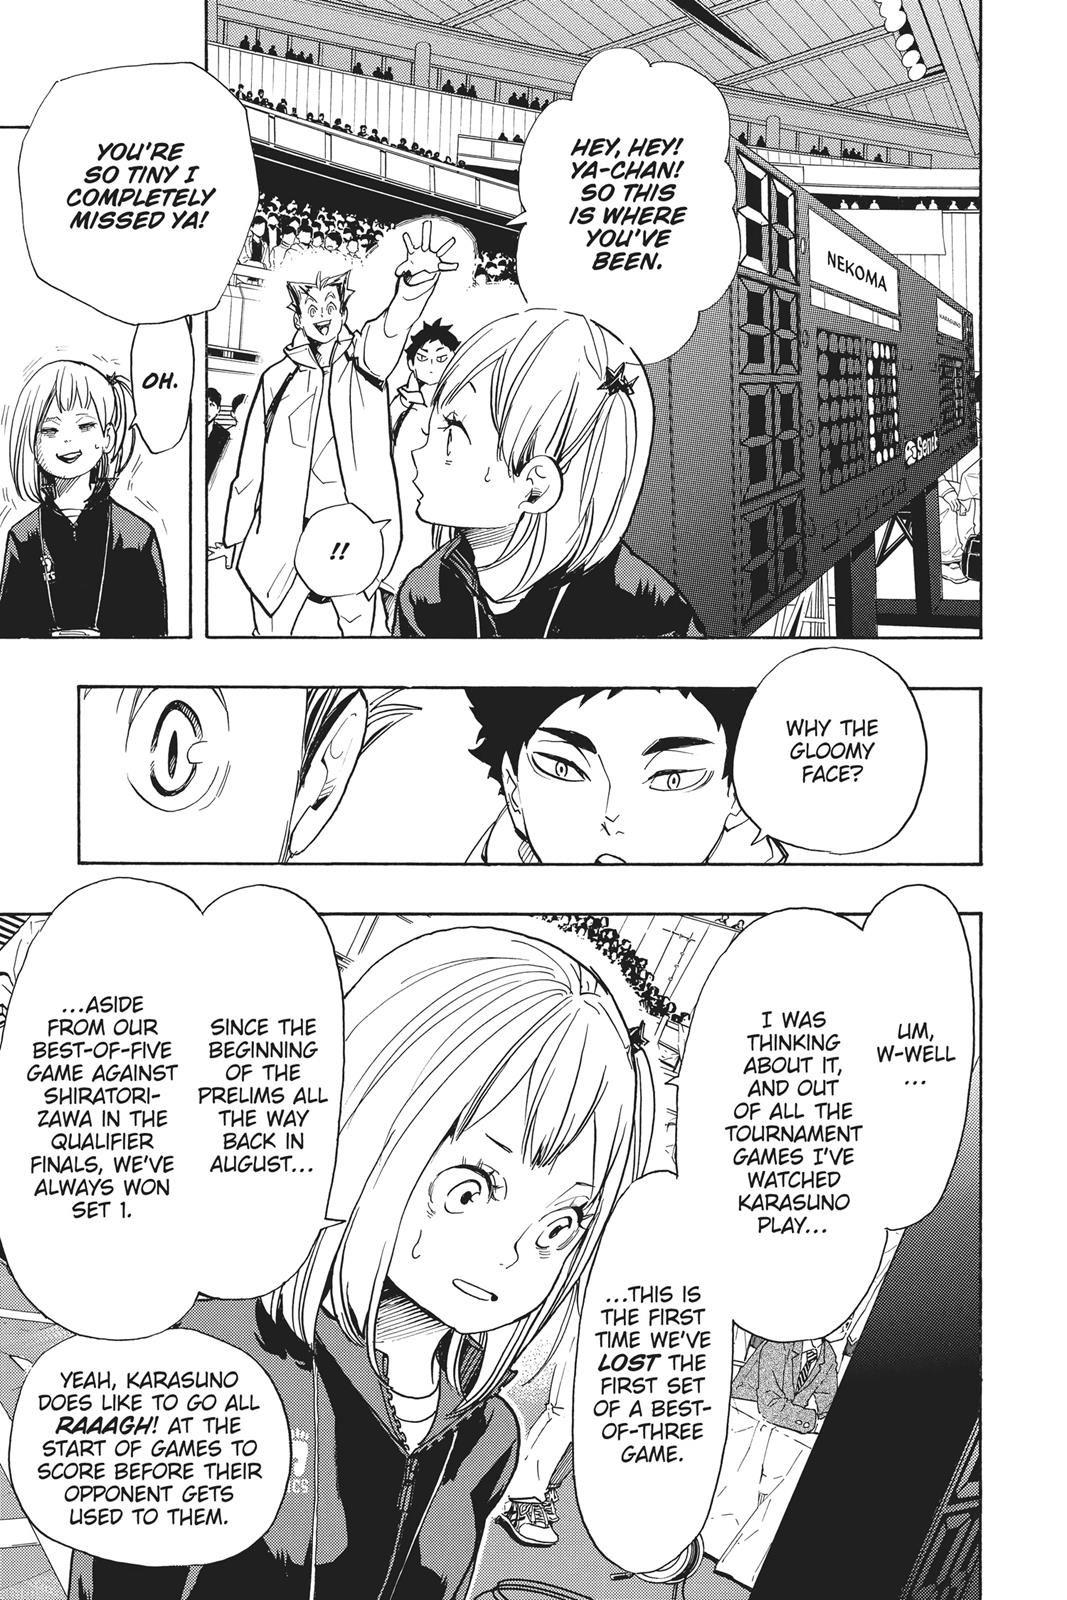 Haikyuu Chapter 306 Read Haikyuu Manga Online Haikyuu Anime Haikyuu Manga Haikyuu